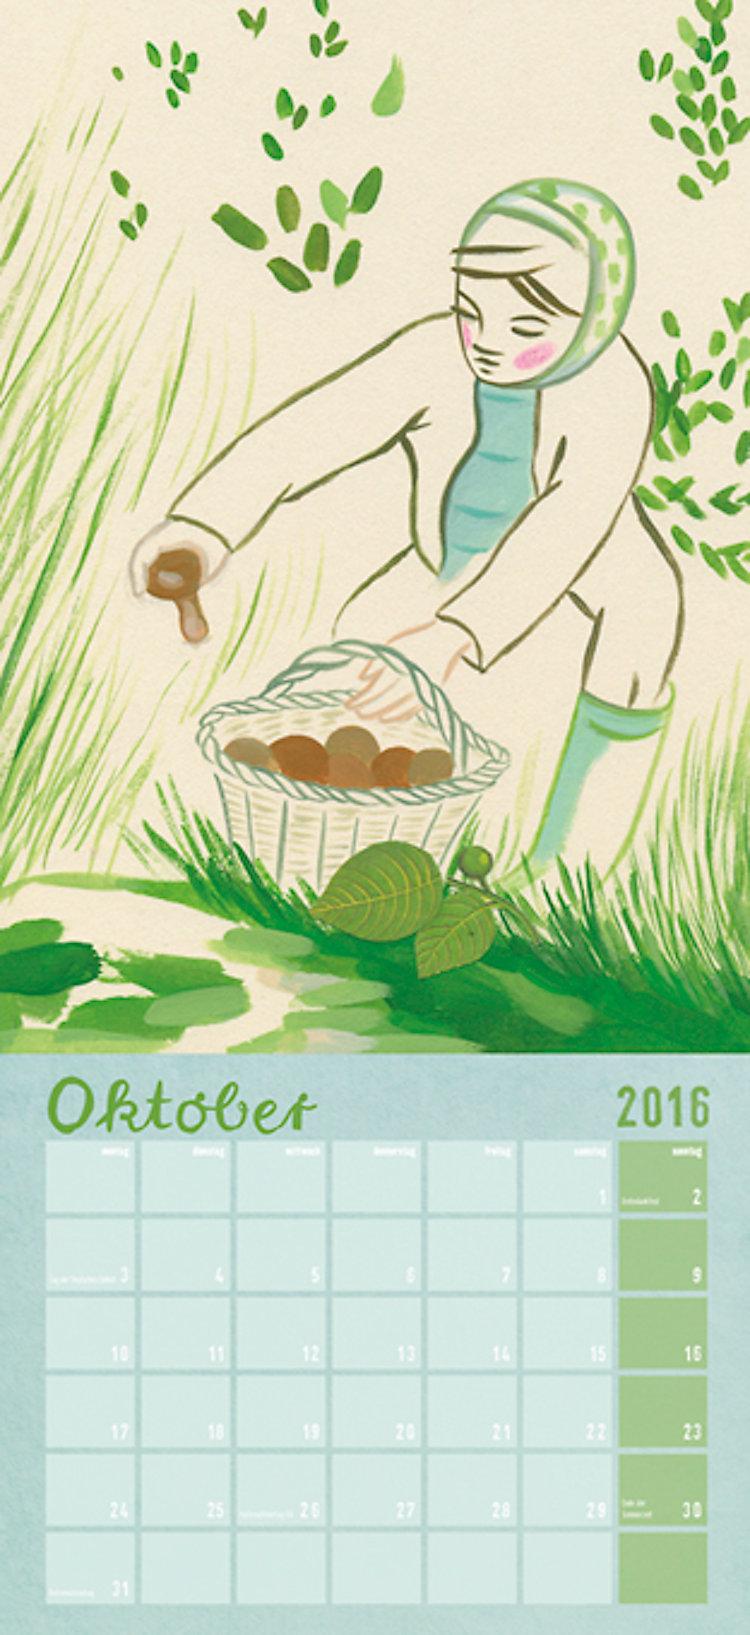 La cucina verde 2016 - Kalender günstig bei Weltbild.de ...